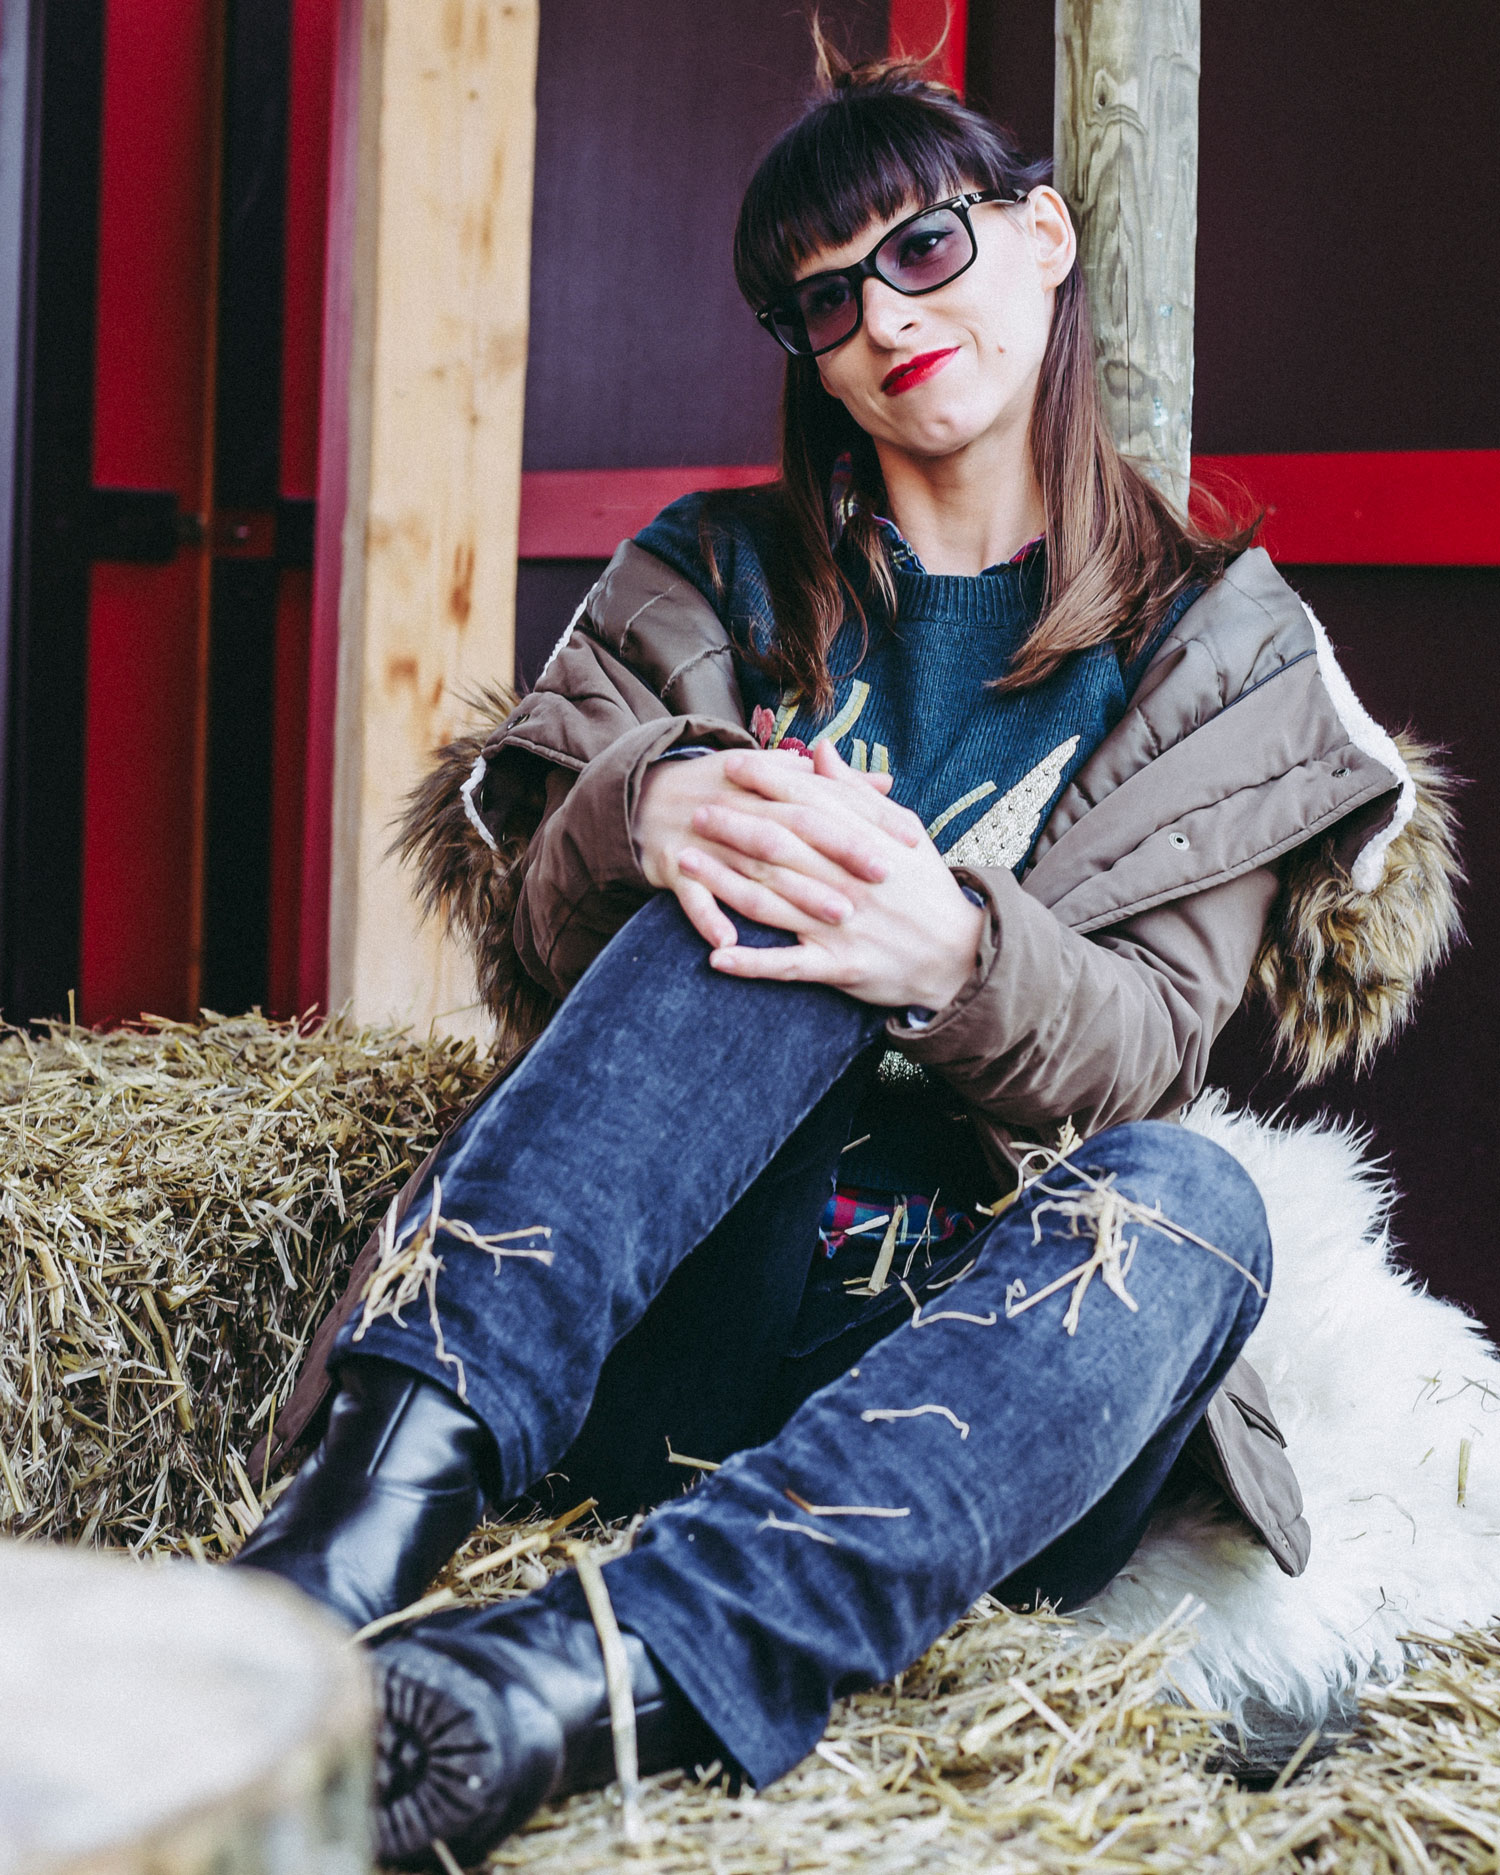 Street-Style-Look, schwarze Jeans von Staffjeans, Karo-Hemd vom HM, Grüner Pullover von Hallhuber, Parka von Review